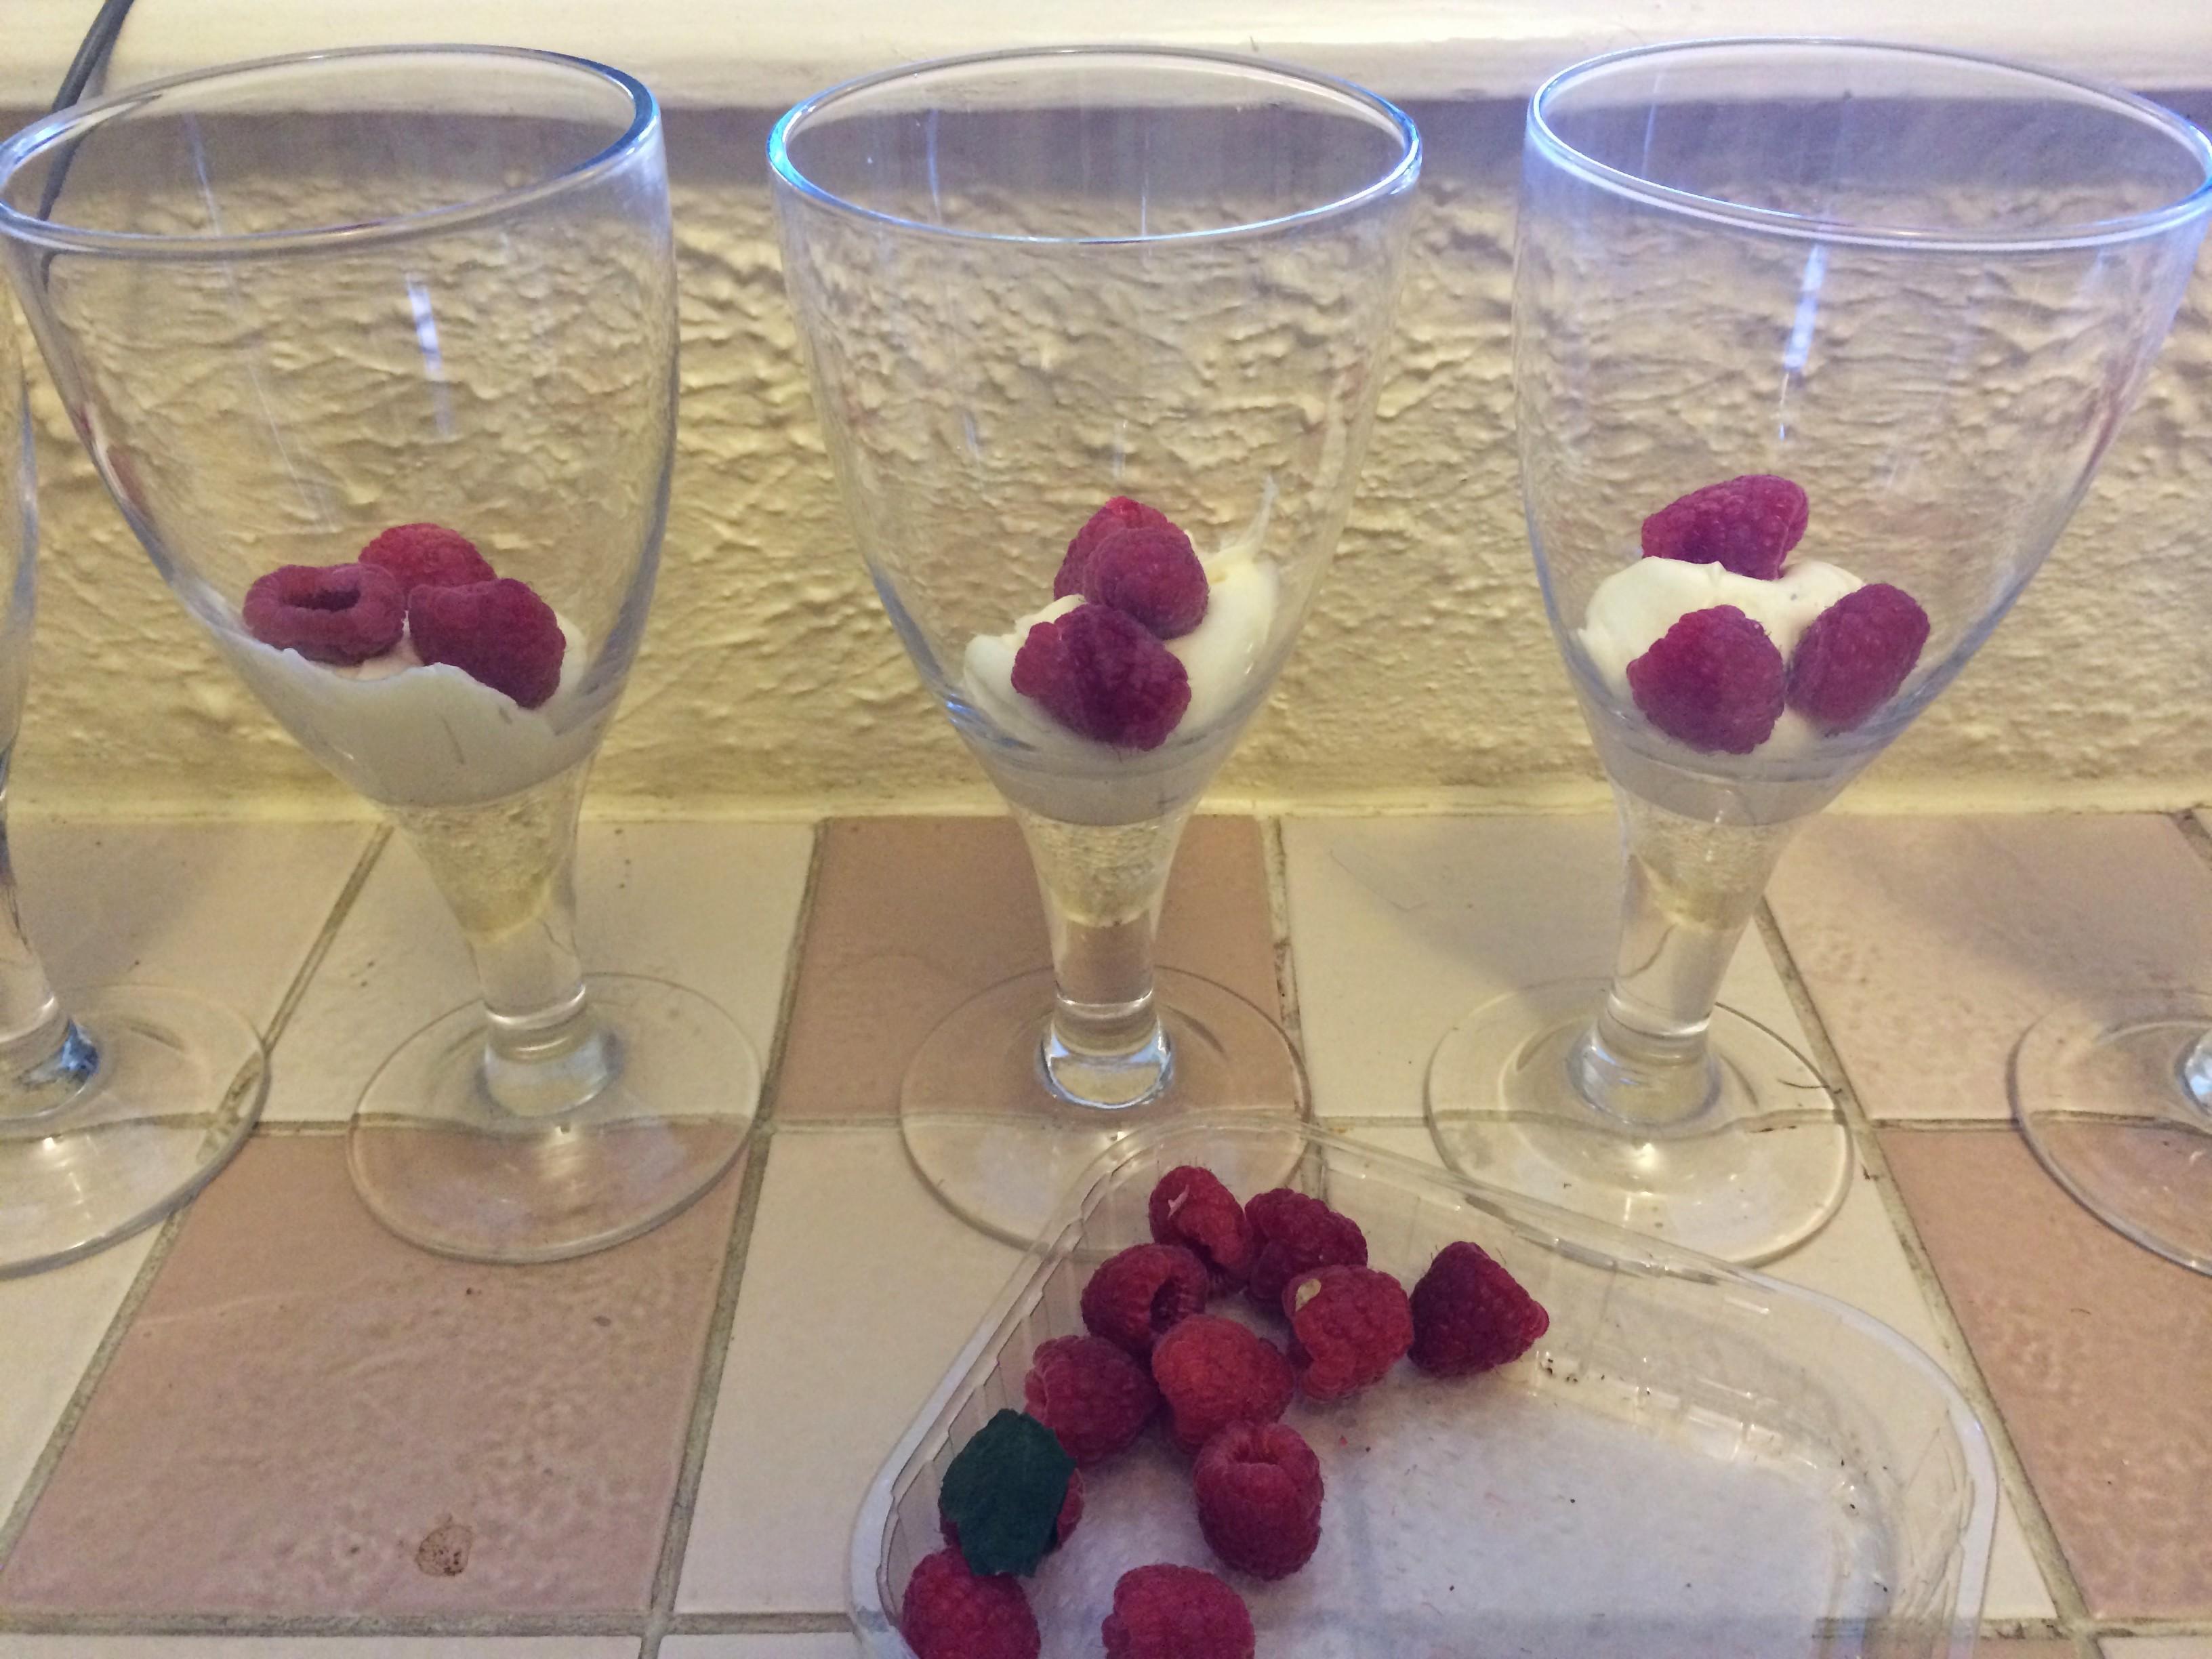 layer raspberries and cream